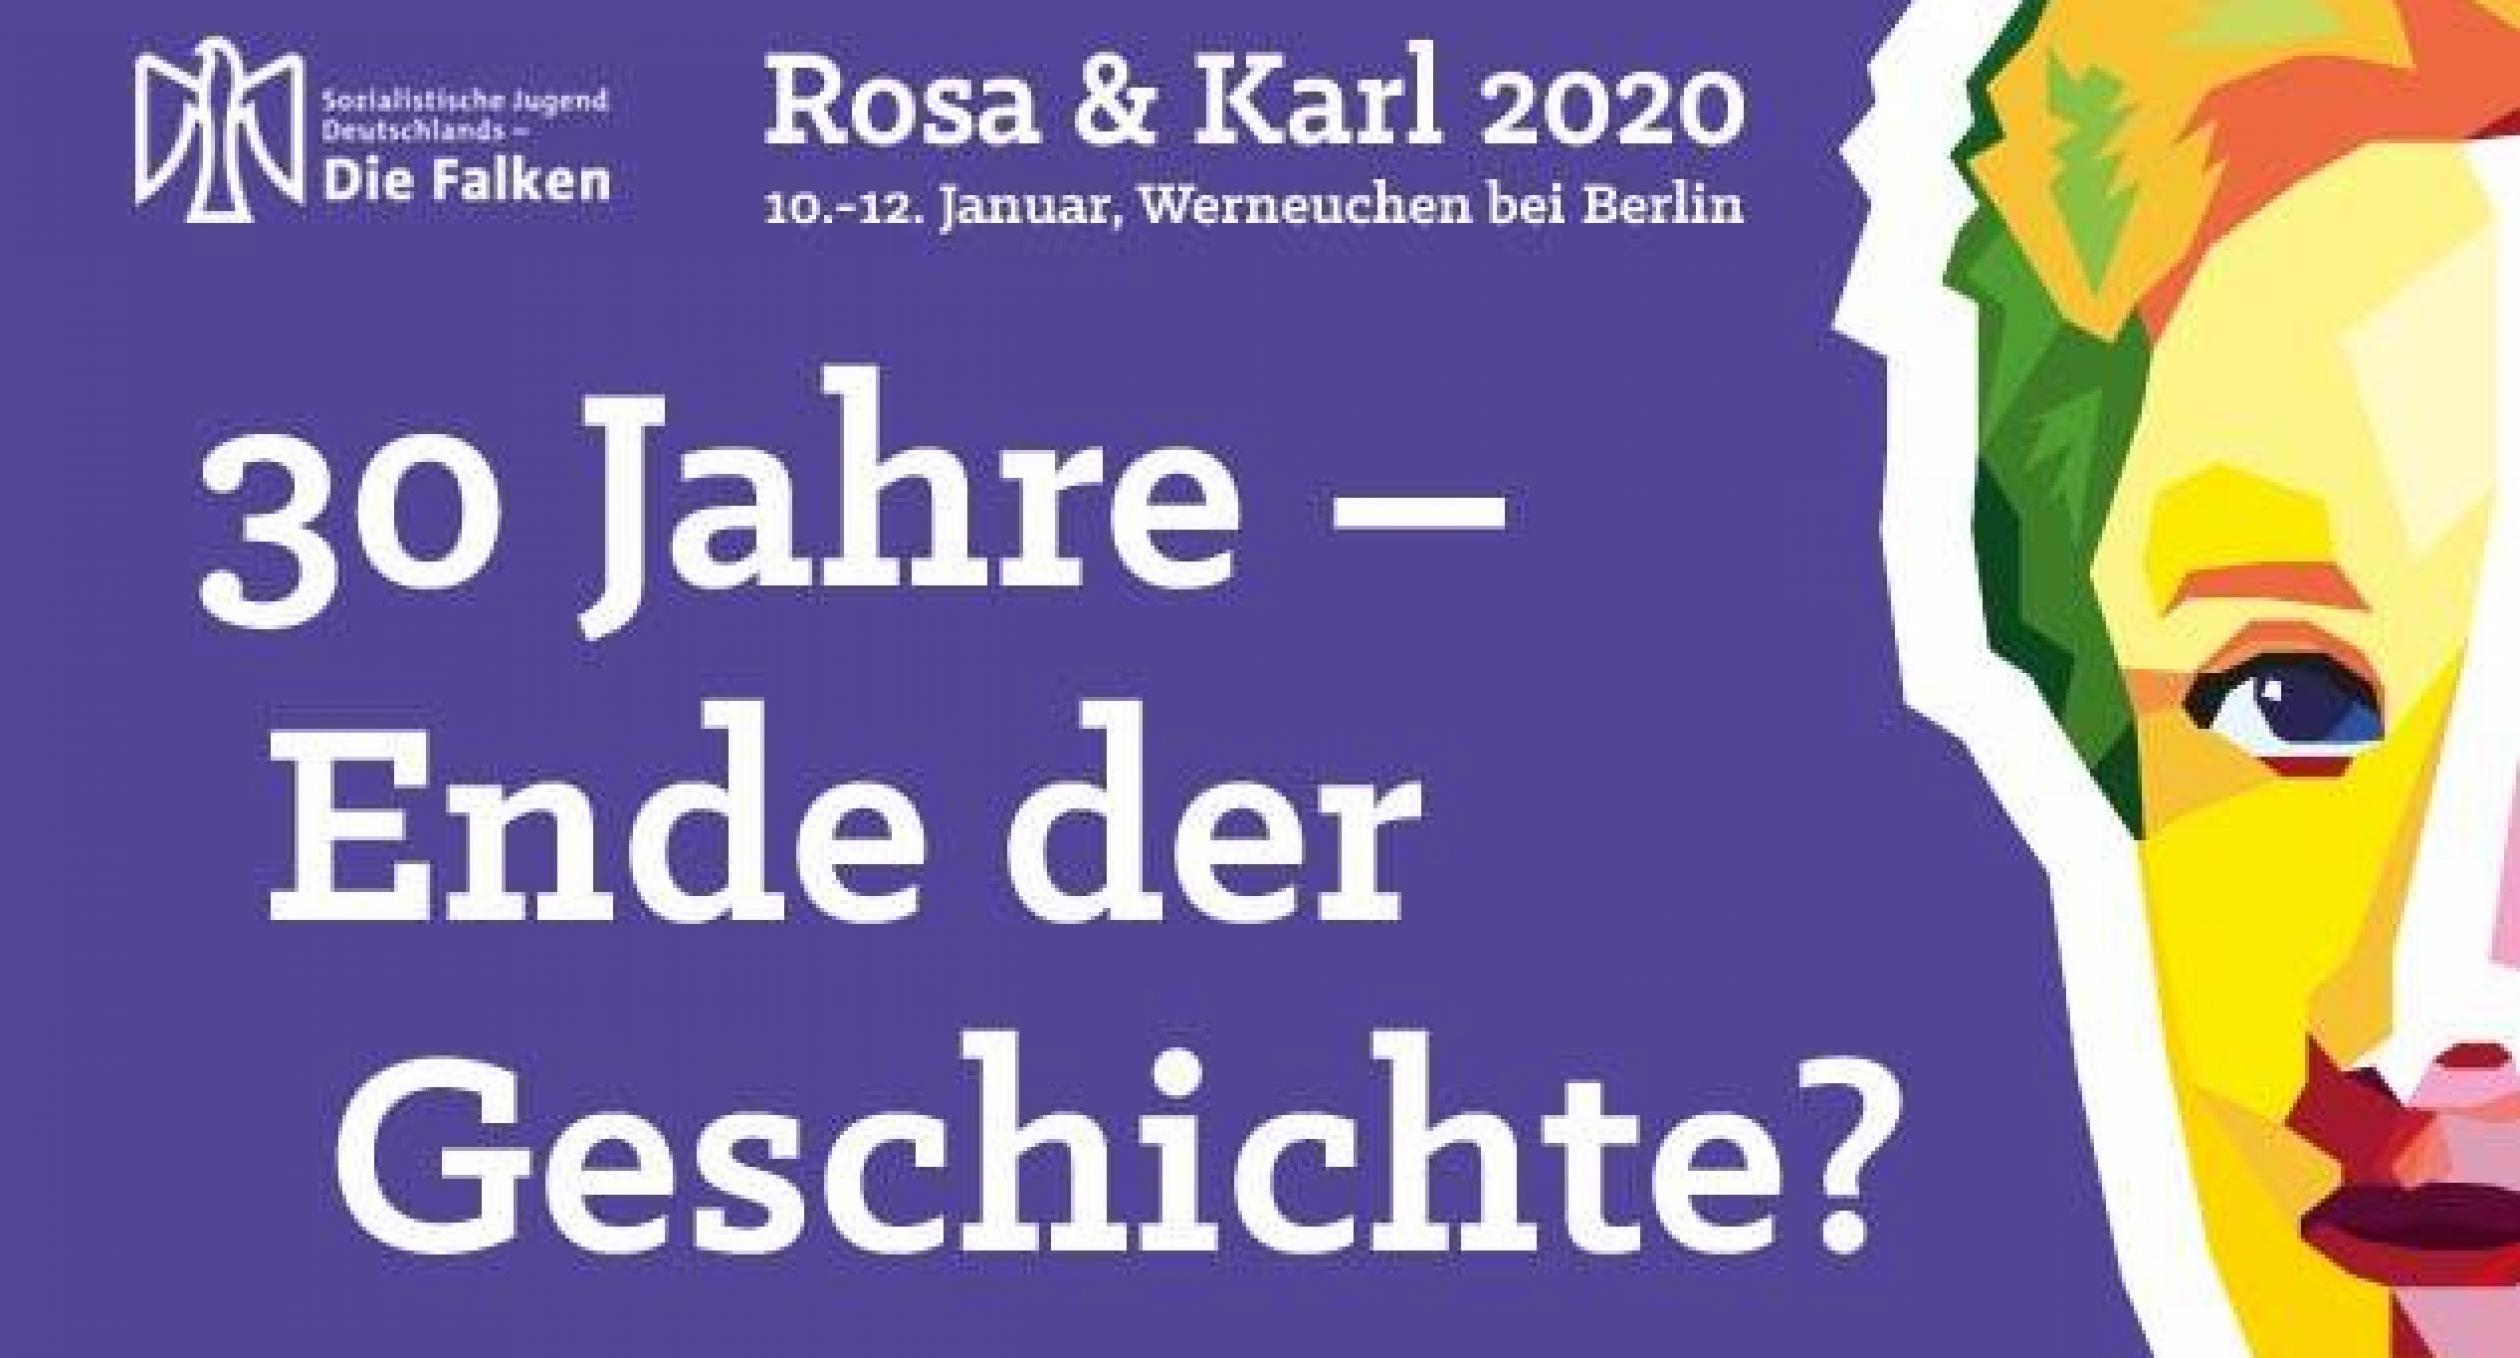 Rosa und Karl 2020 - 30 Jahre Ende der Geschichte?